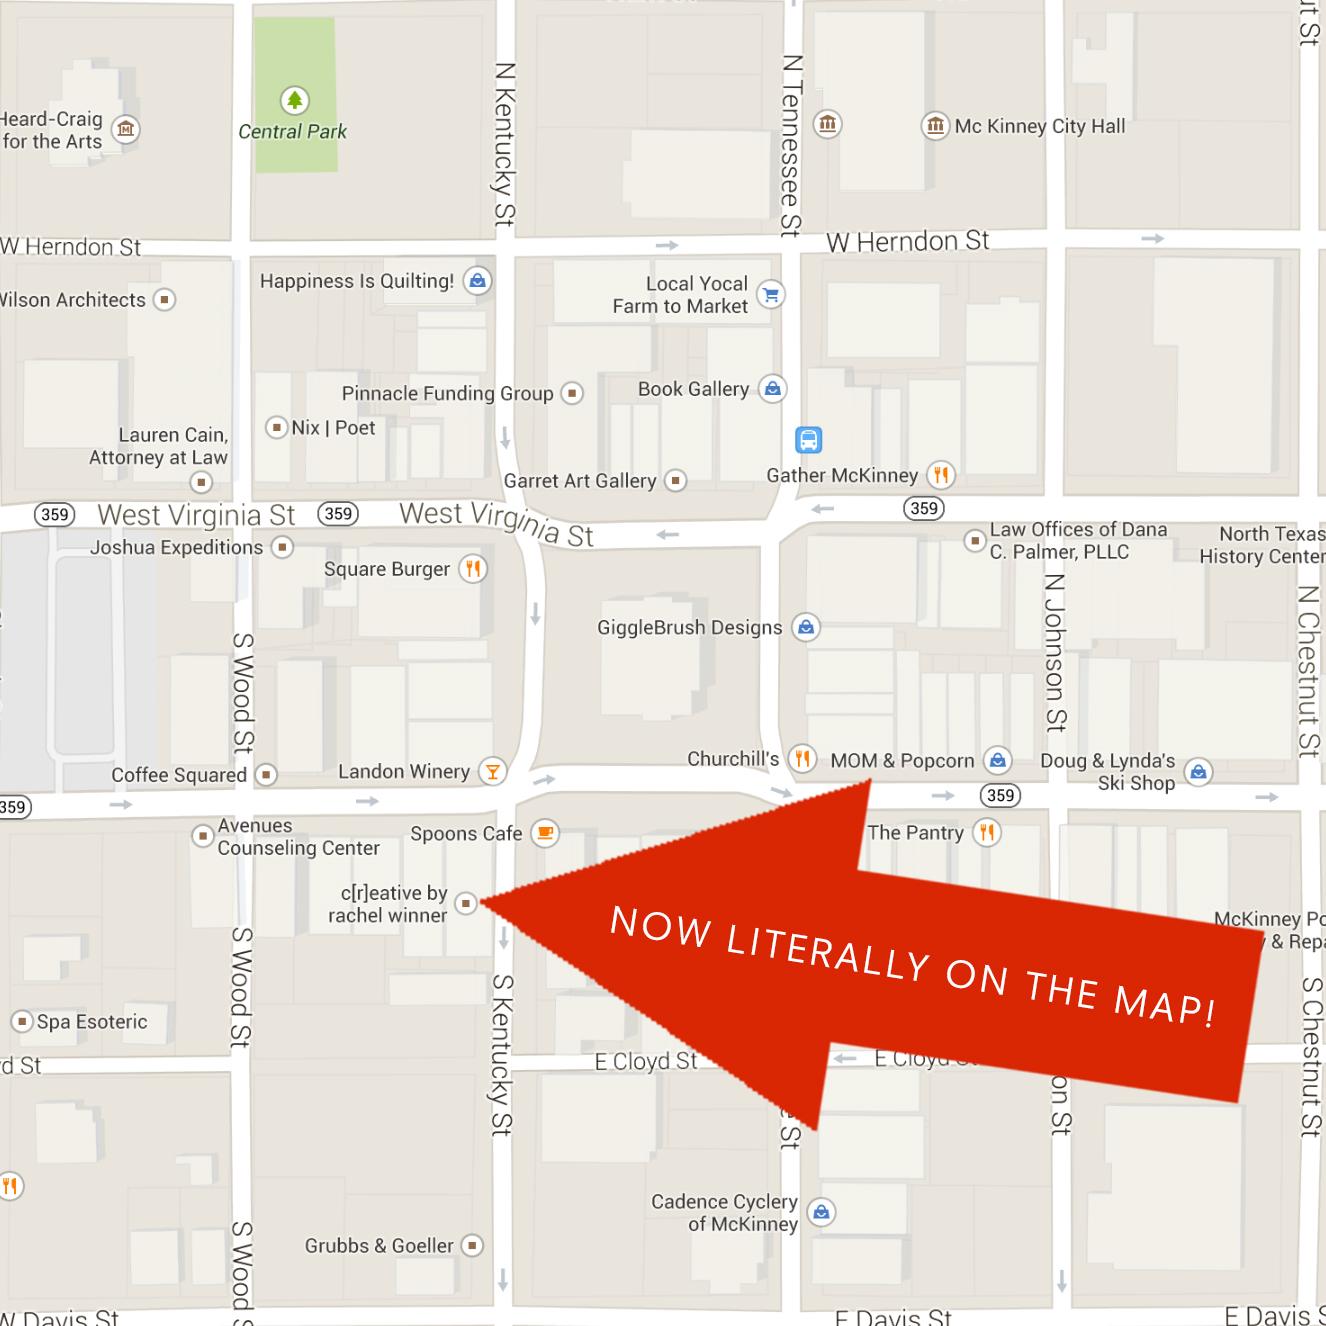 rachel_winner_on_the_map.jpg